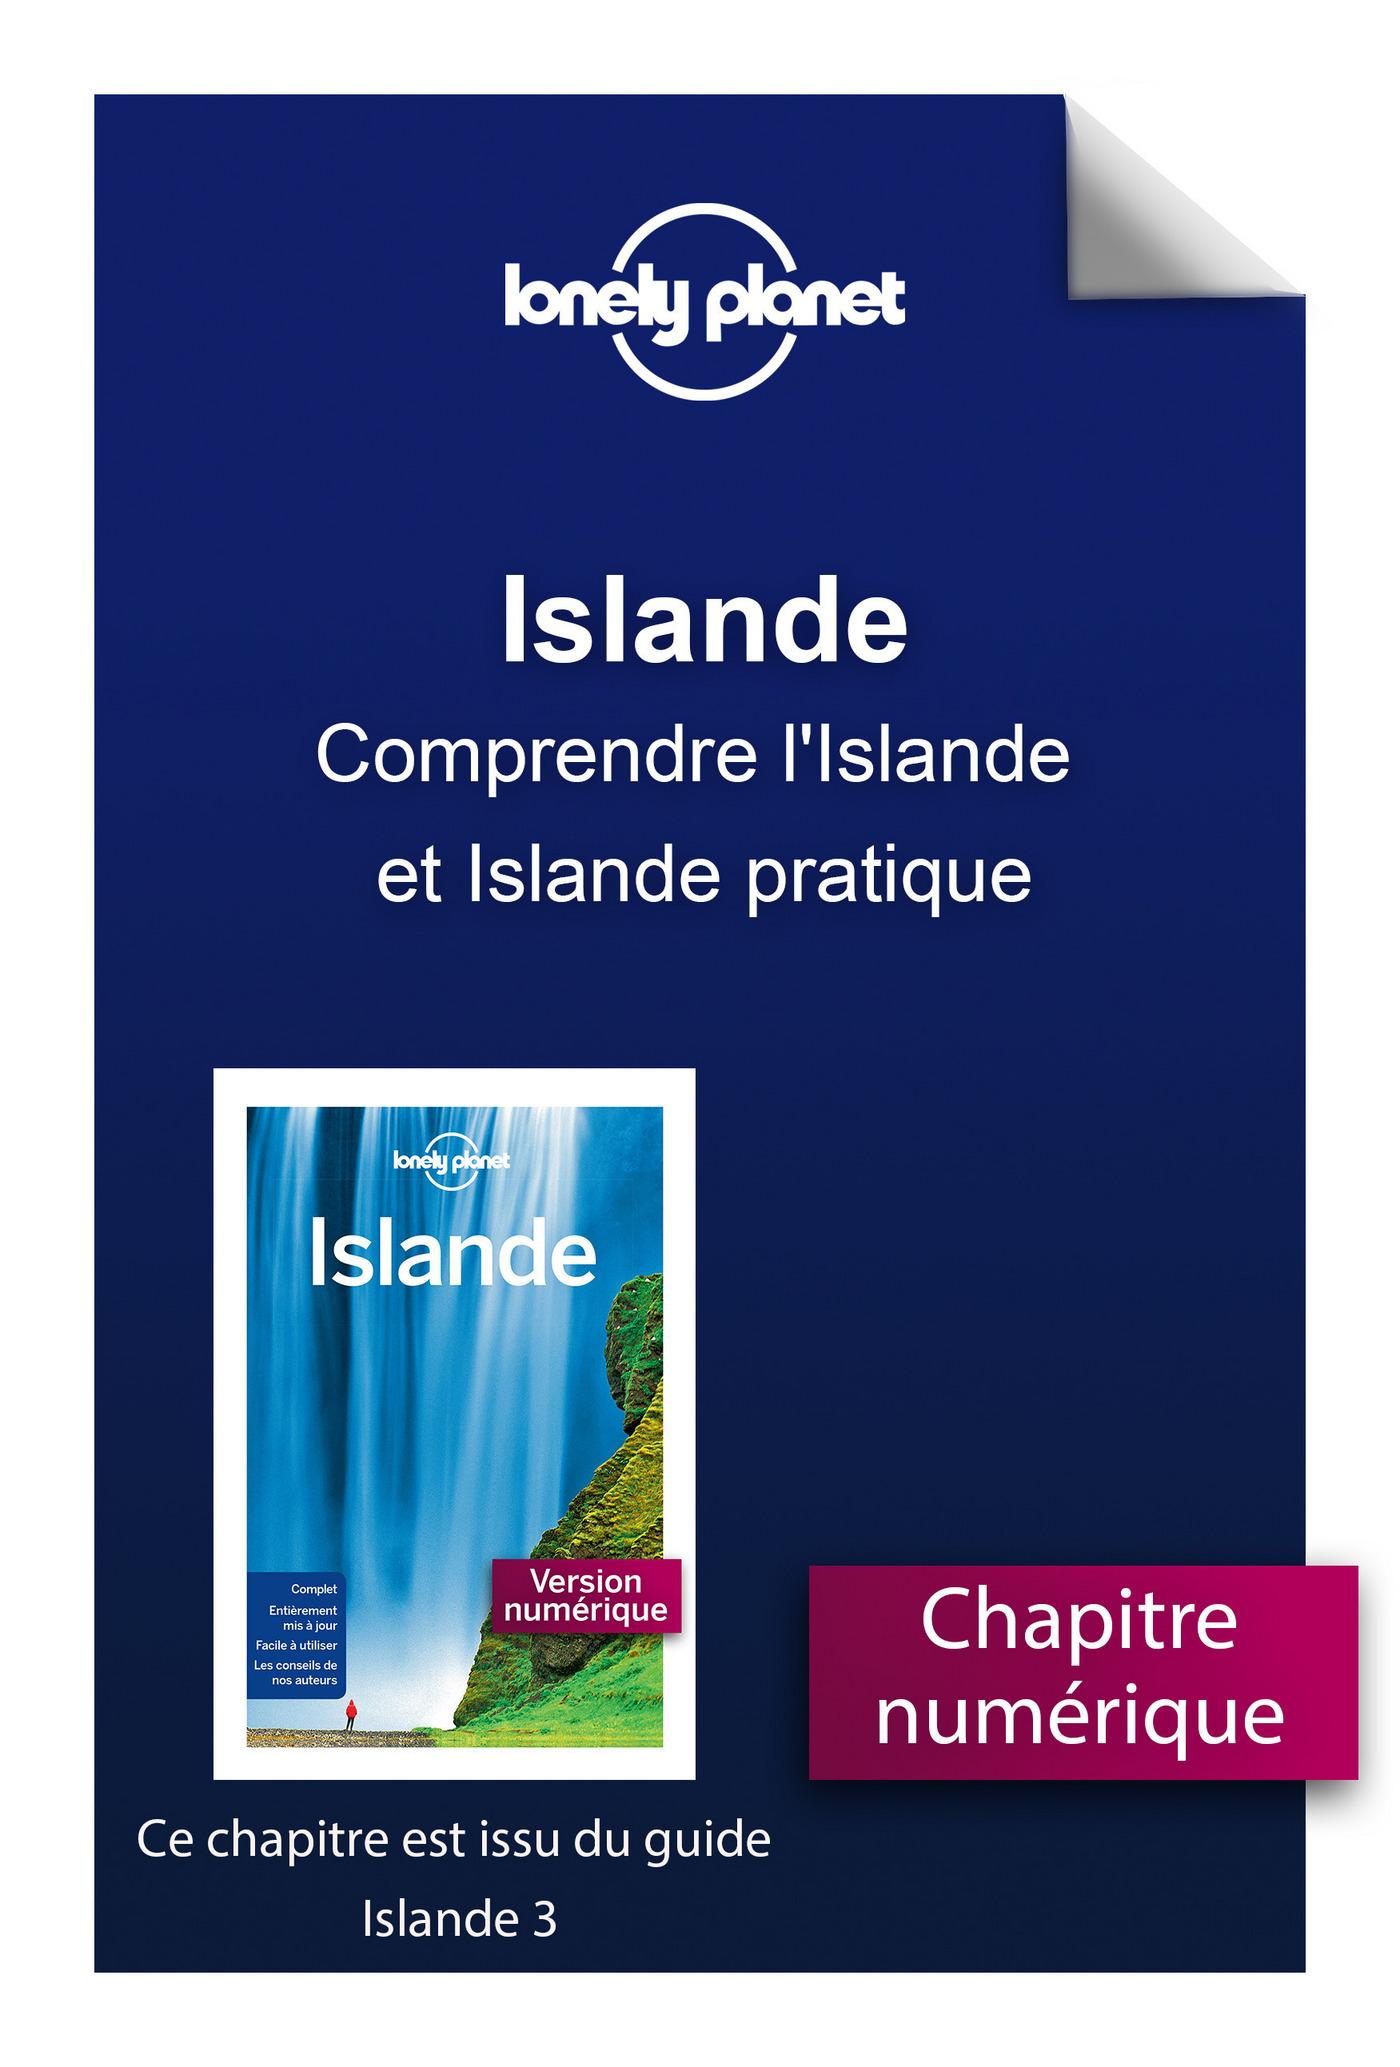 Islande 3 - Comprendre l'Islande et Islande pratique